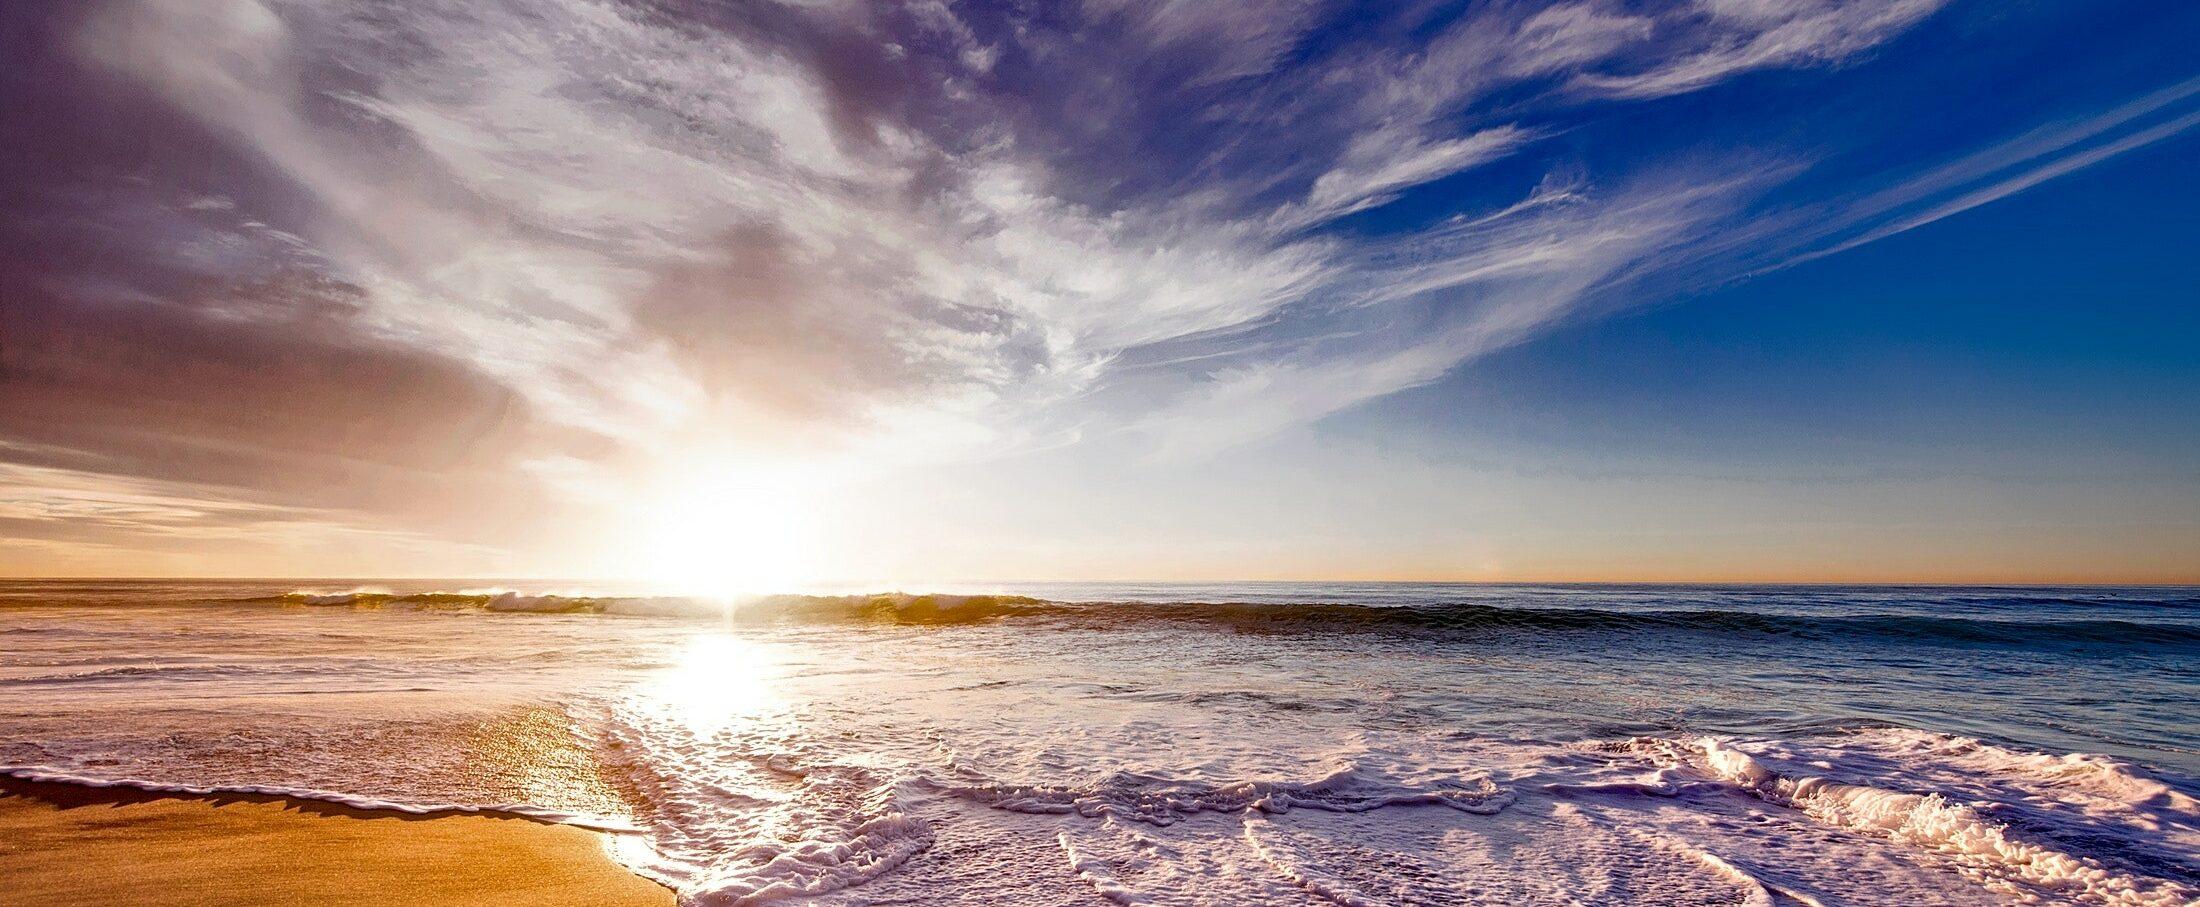 Sol-Vind-Vatten | Highlands